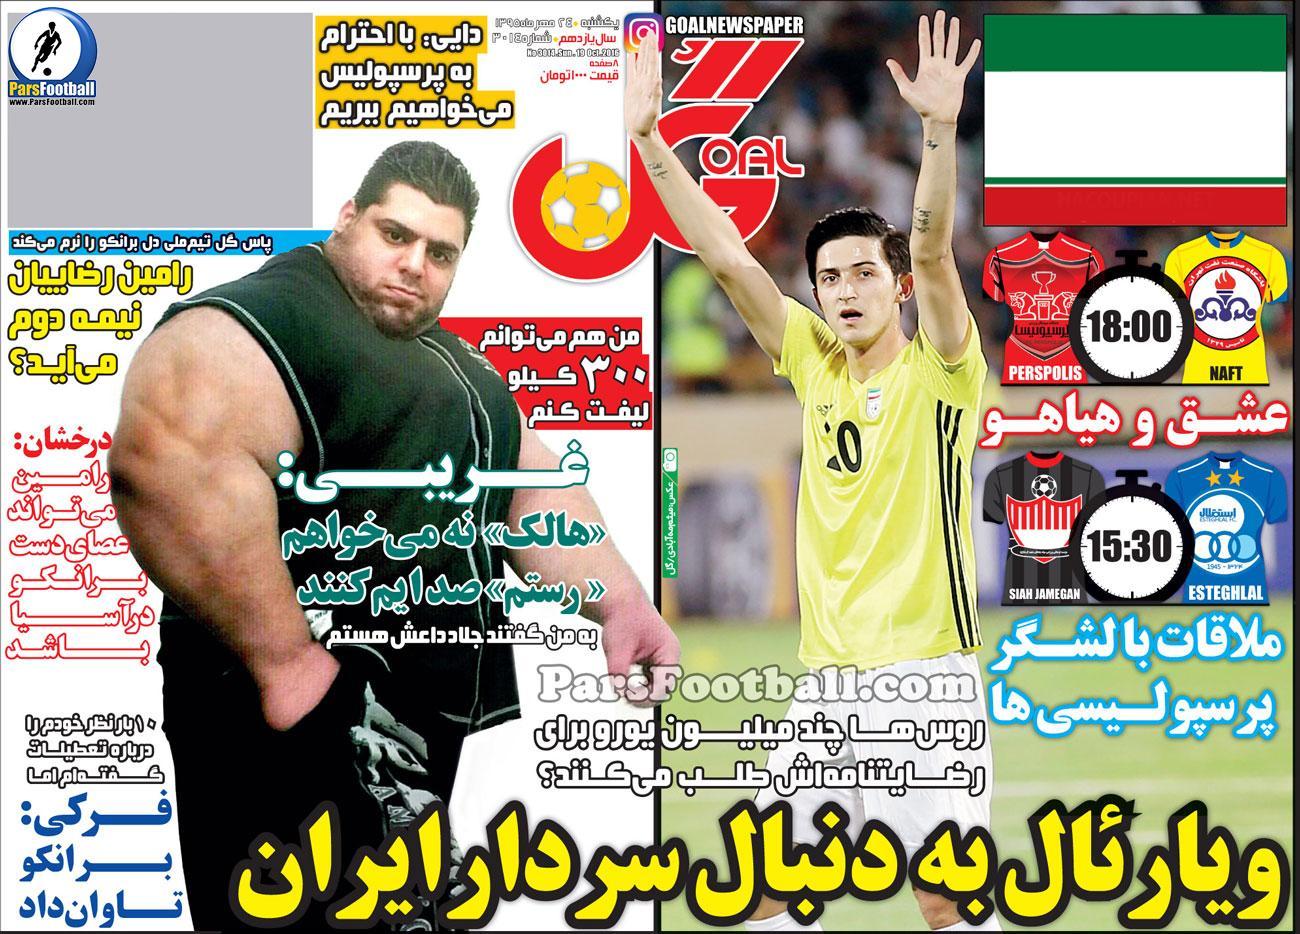 روزنامه گل شنبه 24 مهر 95